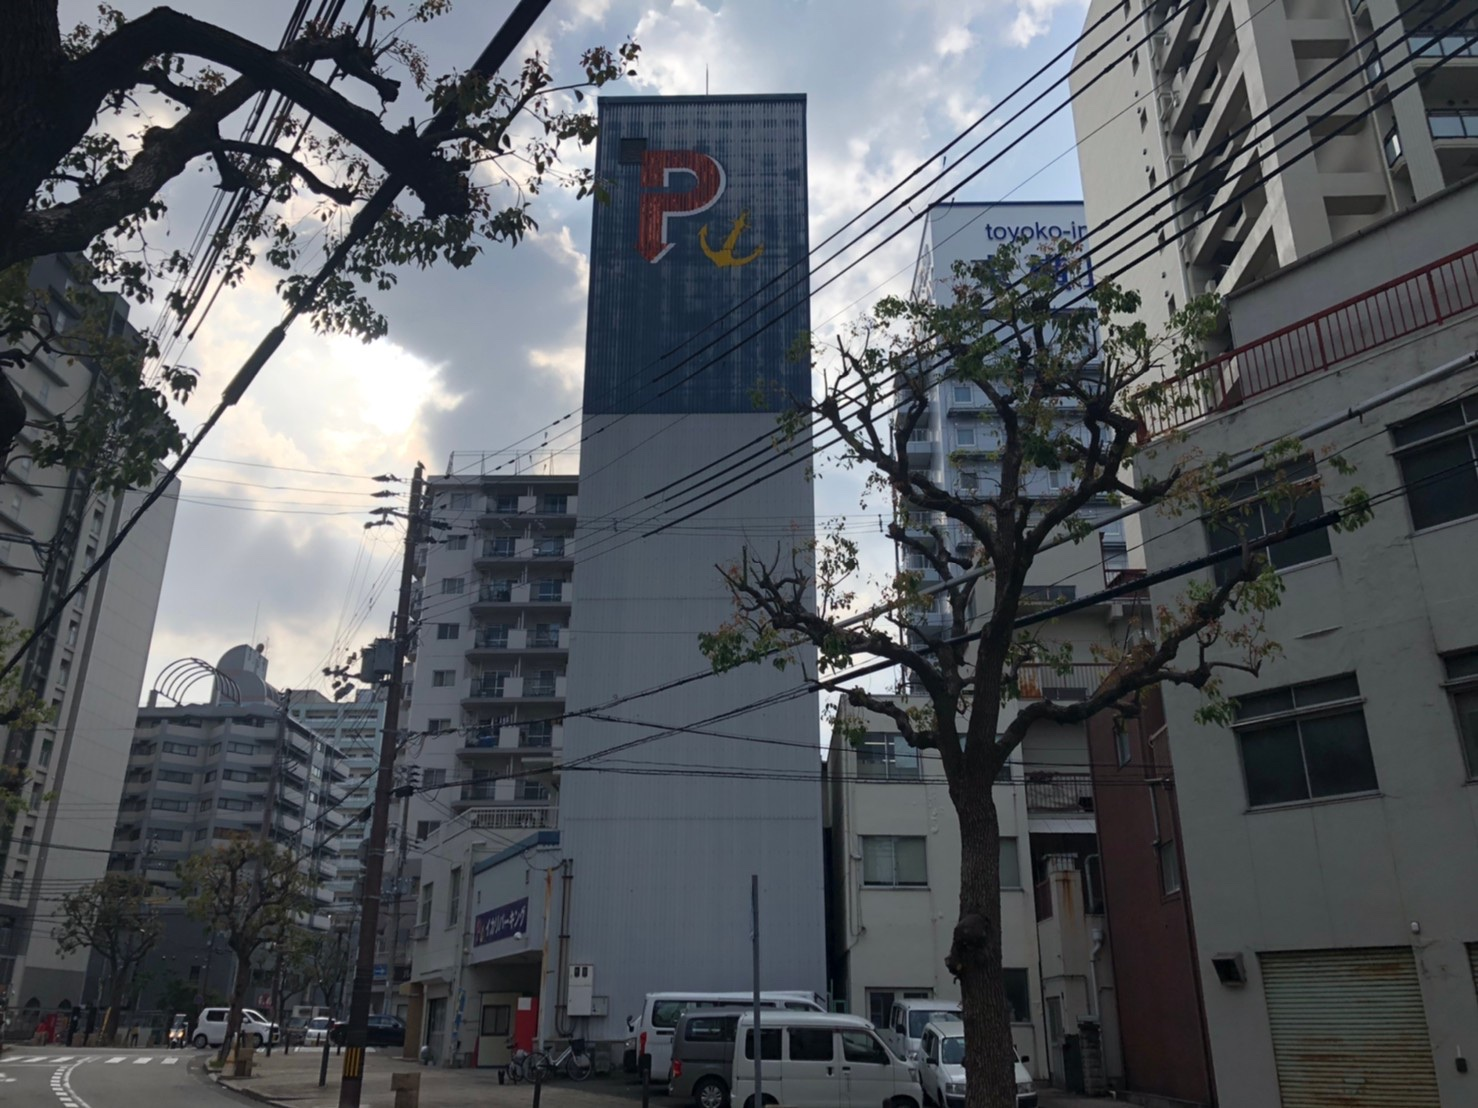 【月極駐車場 神戸市中央区相生町】イカリパーキング